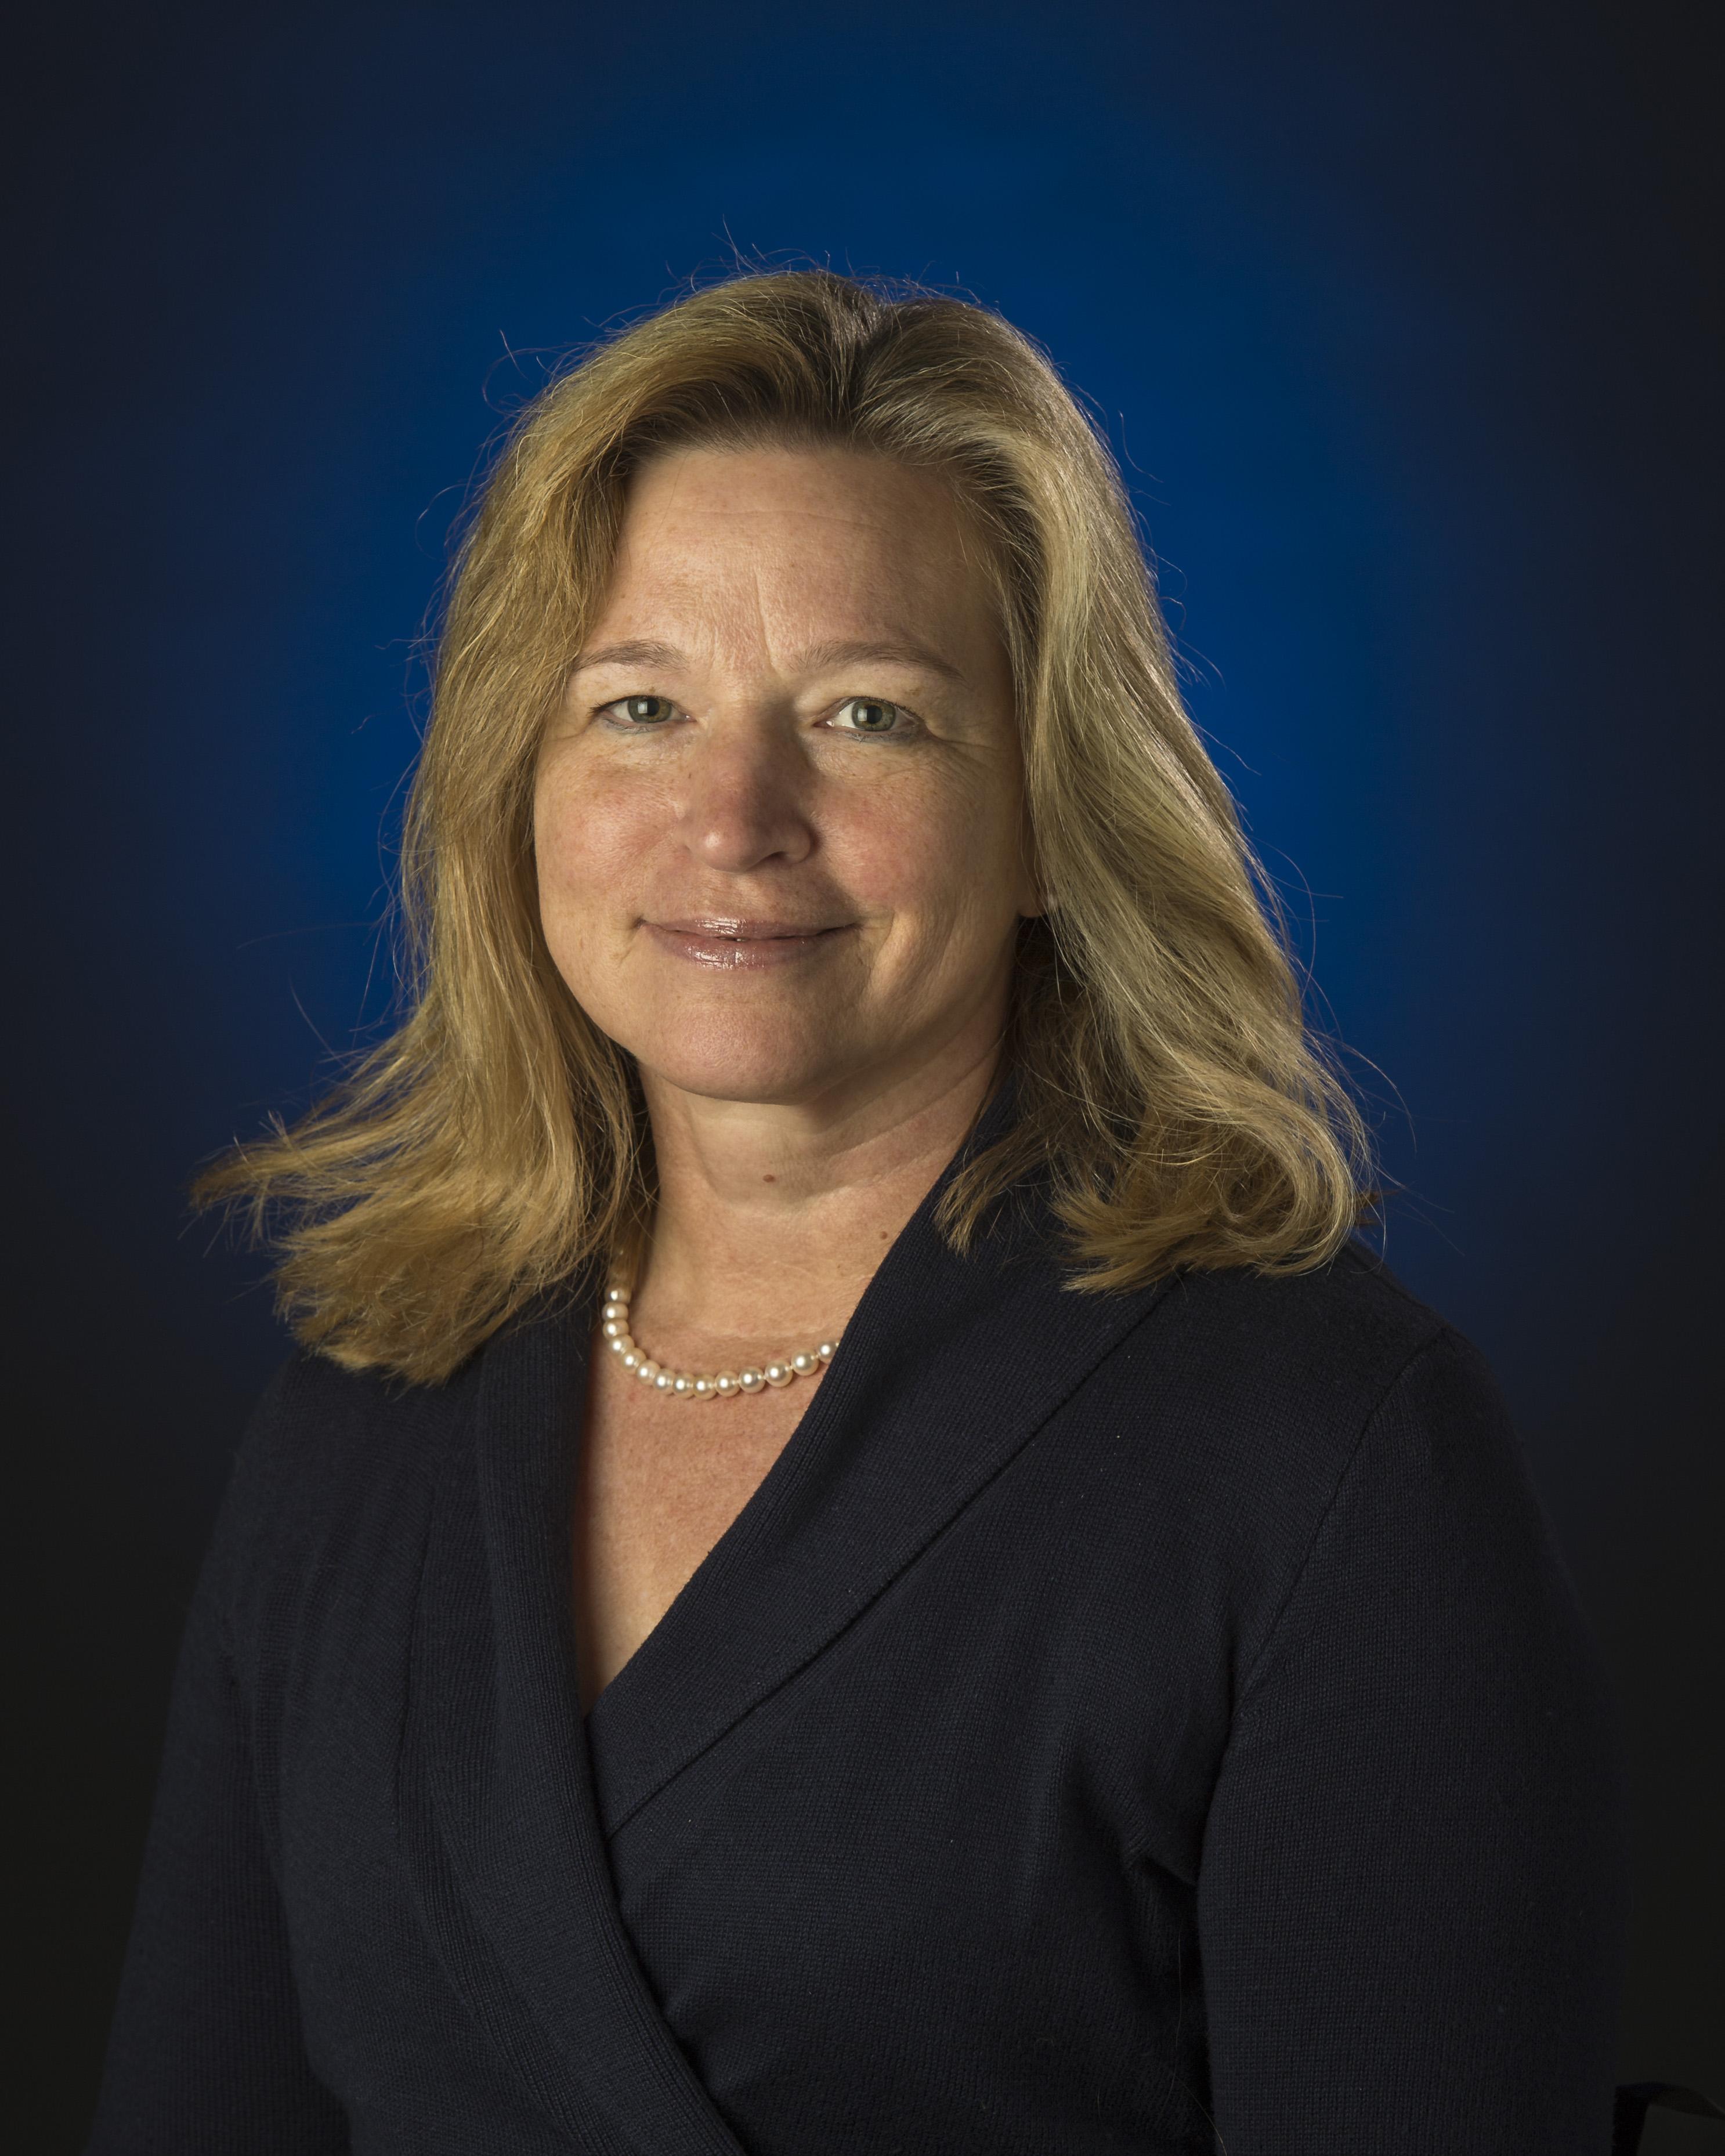 DR. Ellen Stofan